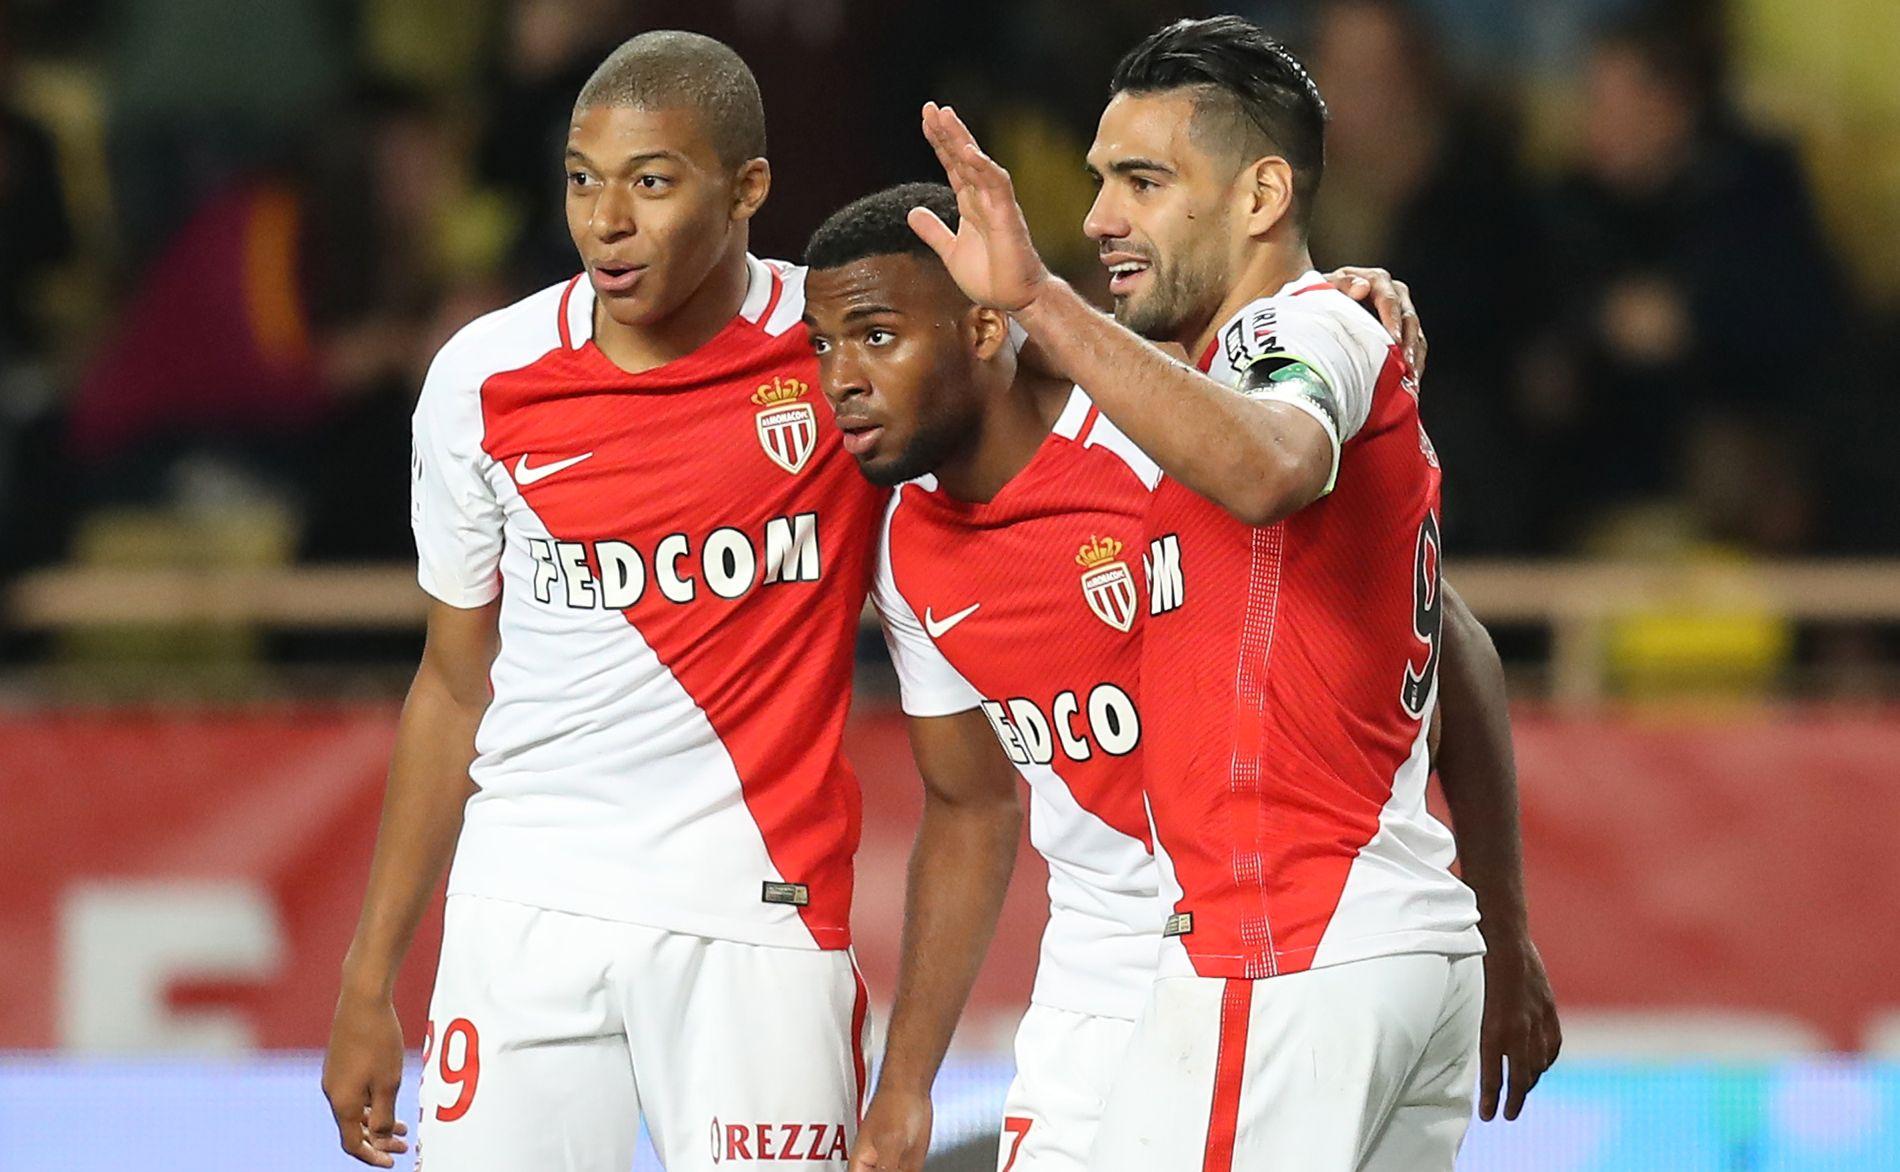 VERDIFULLE: Kylian Mbappé (f.v.), Thomas Lemar og Radamel Falcao har storspilt for Monaco denne sesongen. Neste sesong kan alle være solgt.